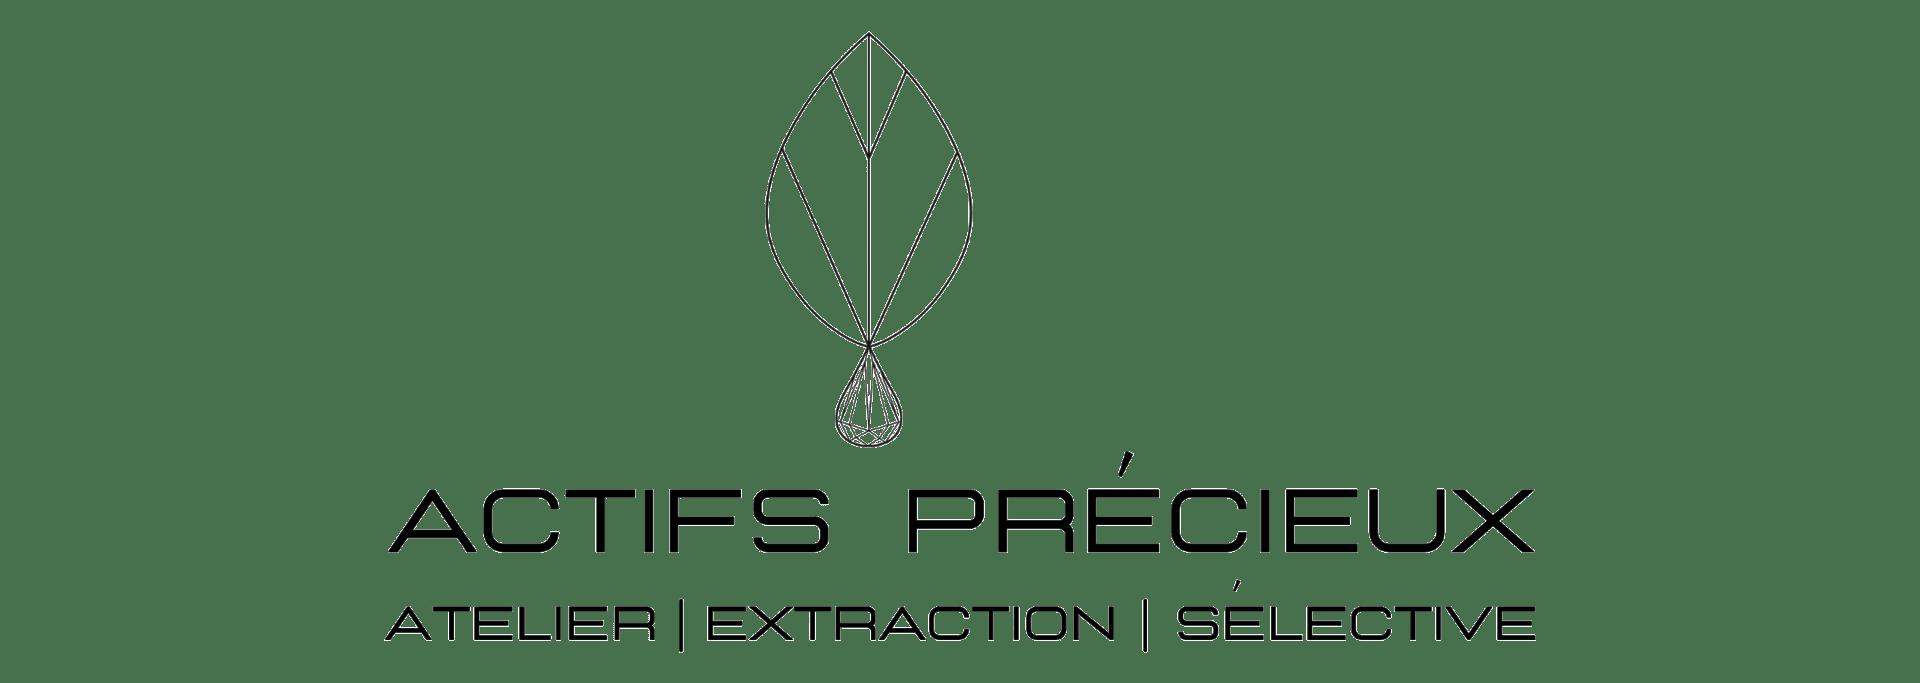 ACTIFS PRECIEUX